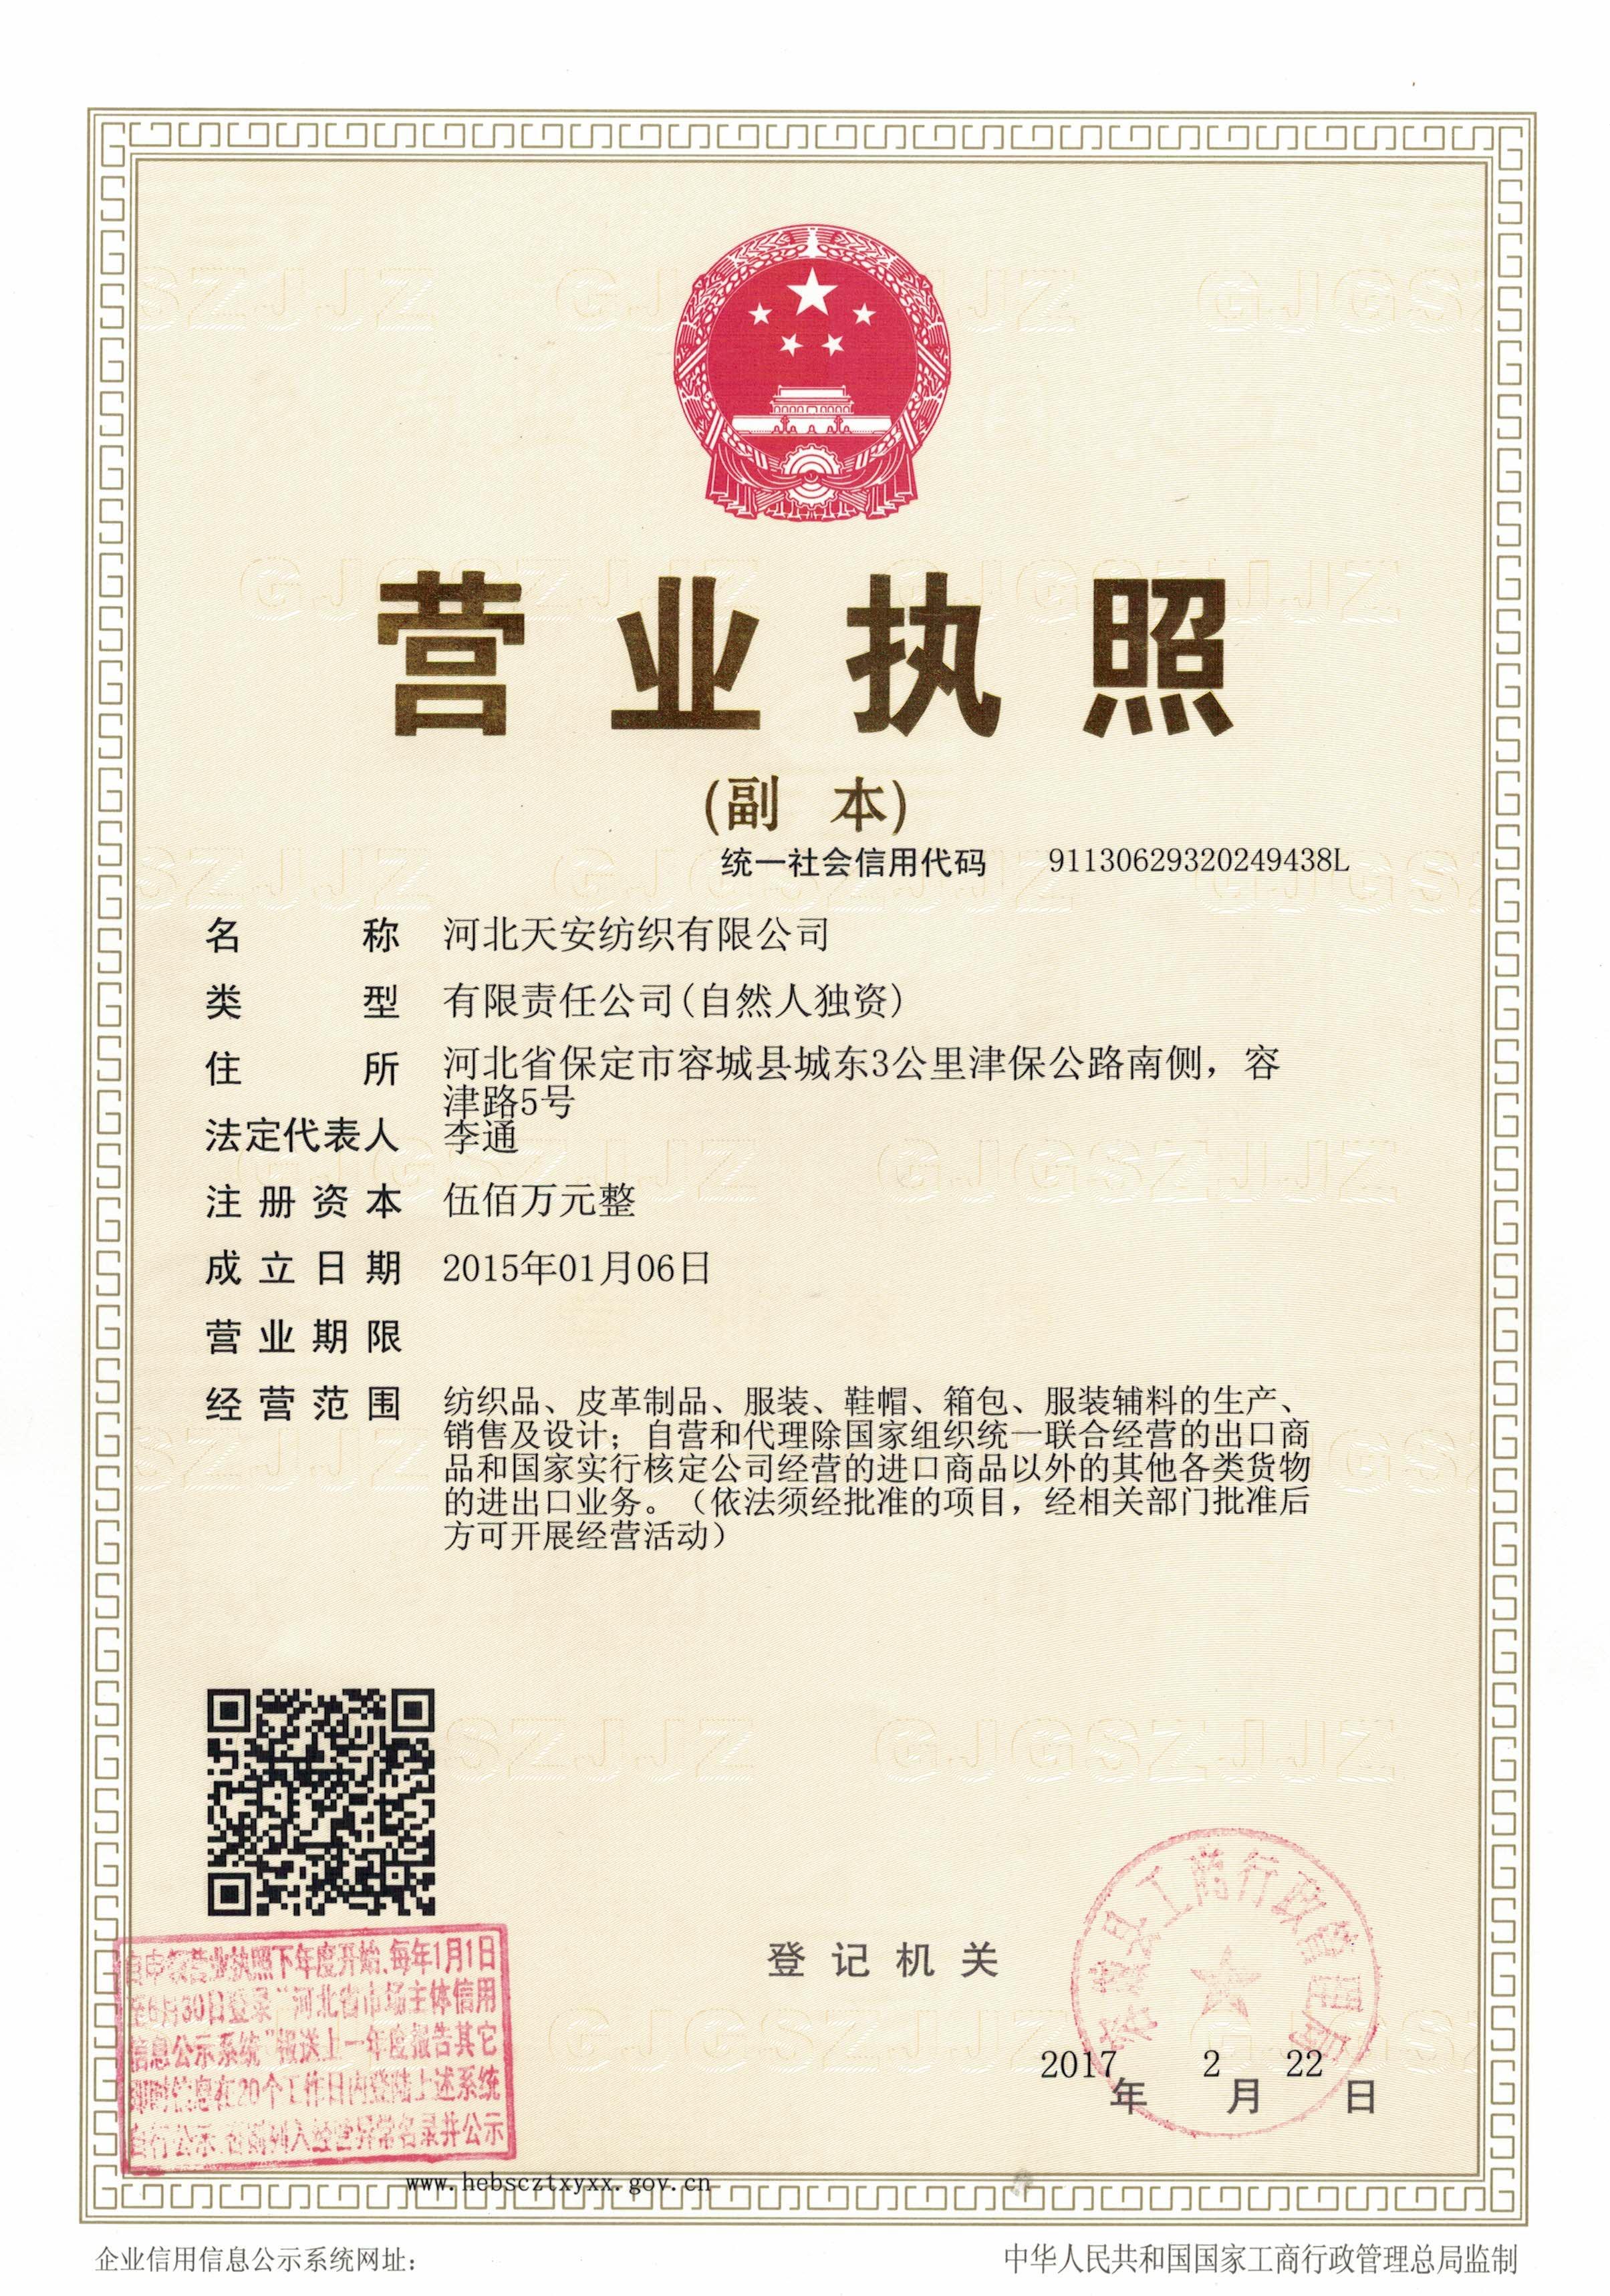 河北天安紡織有限公司企業檔案